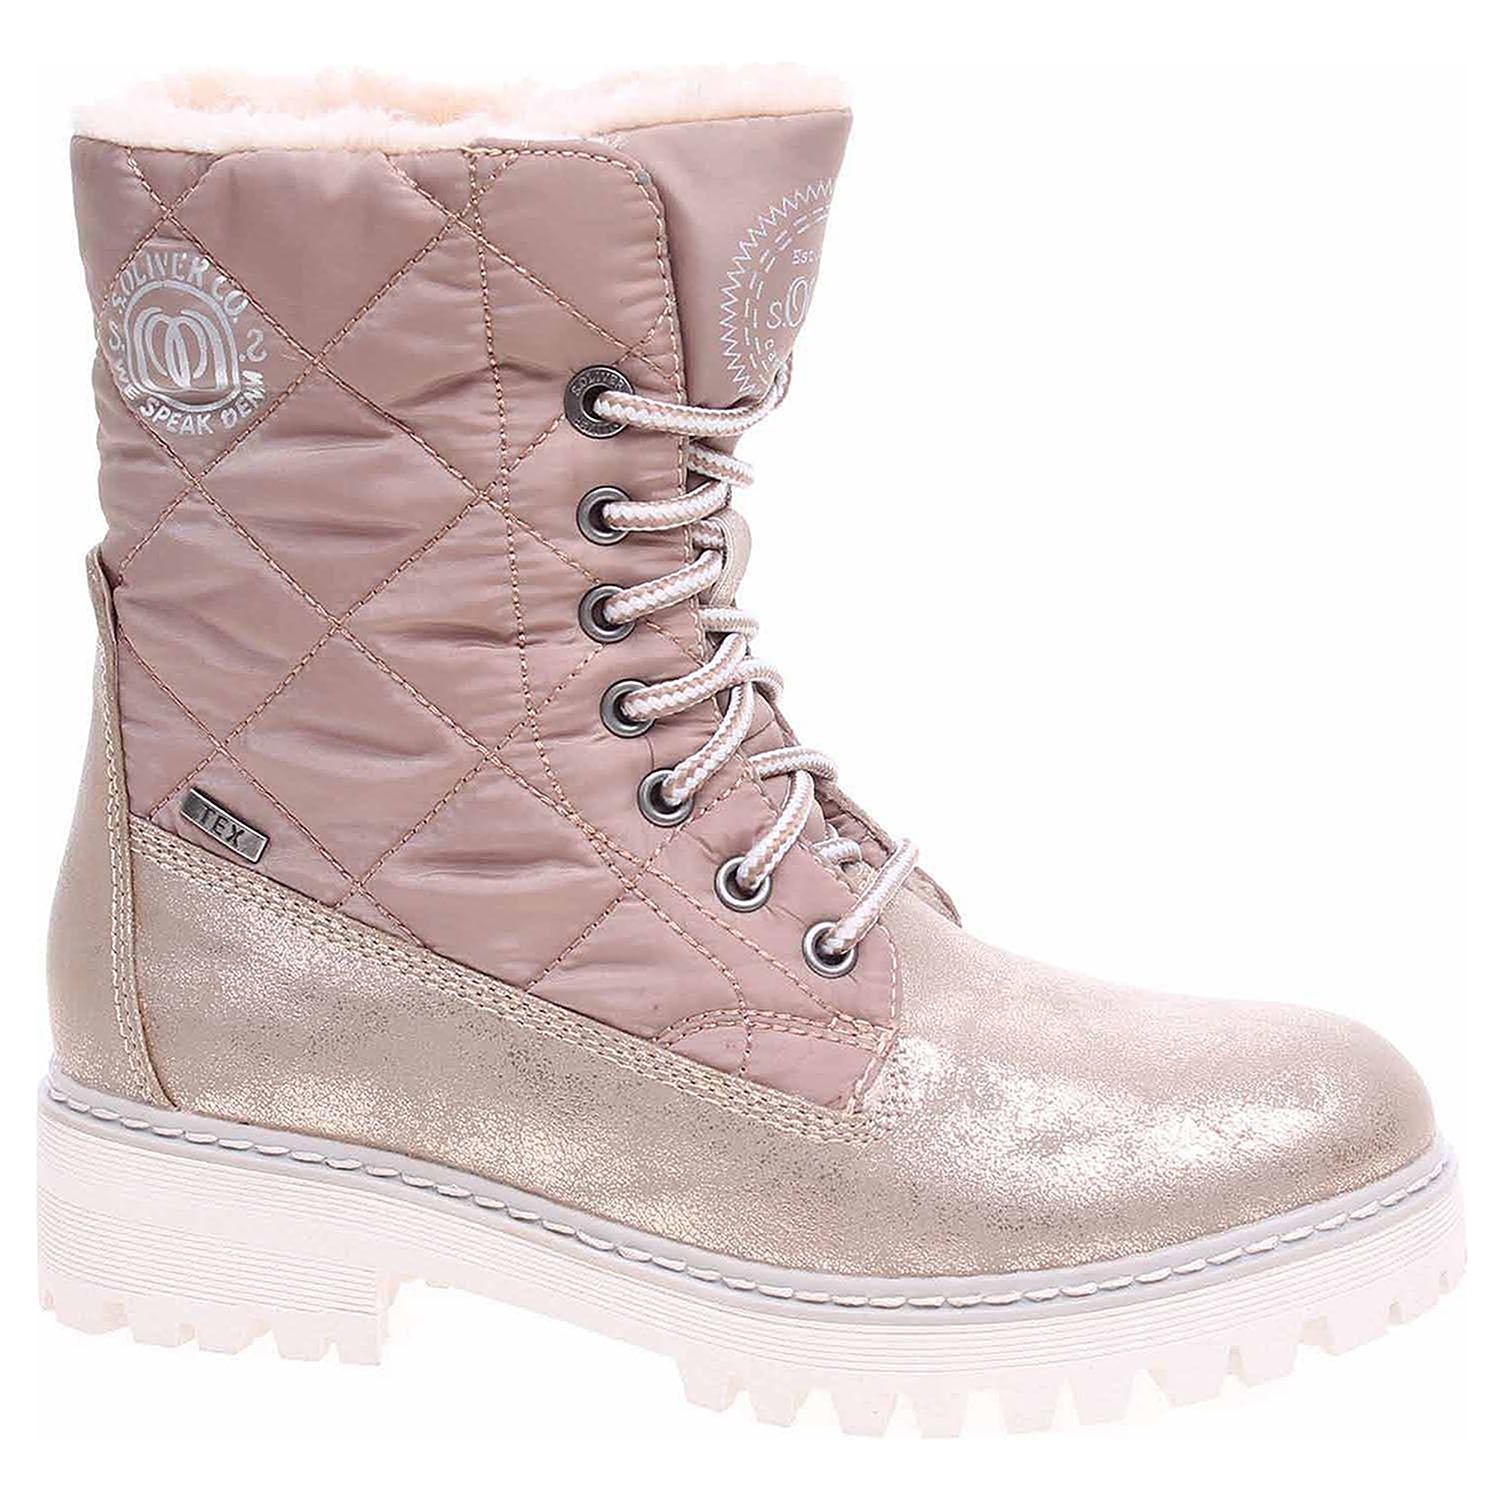 Dámská kotníková obuv s.Oliver 5-26250-39 rose metallic 5-5-26250-39 519 39